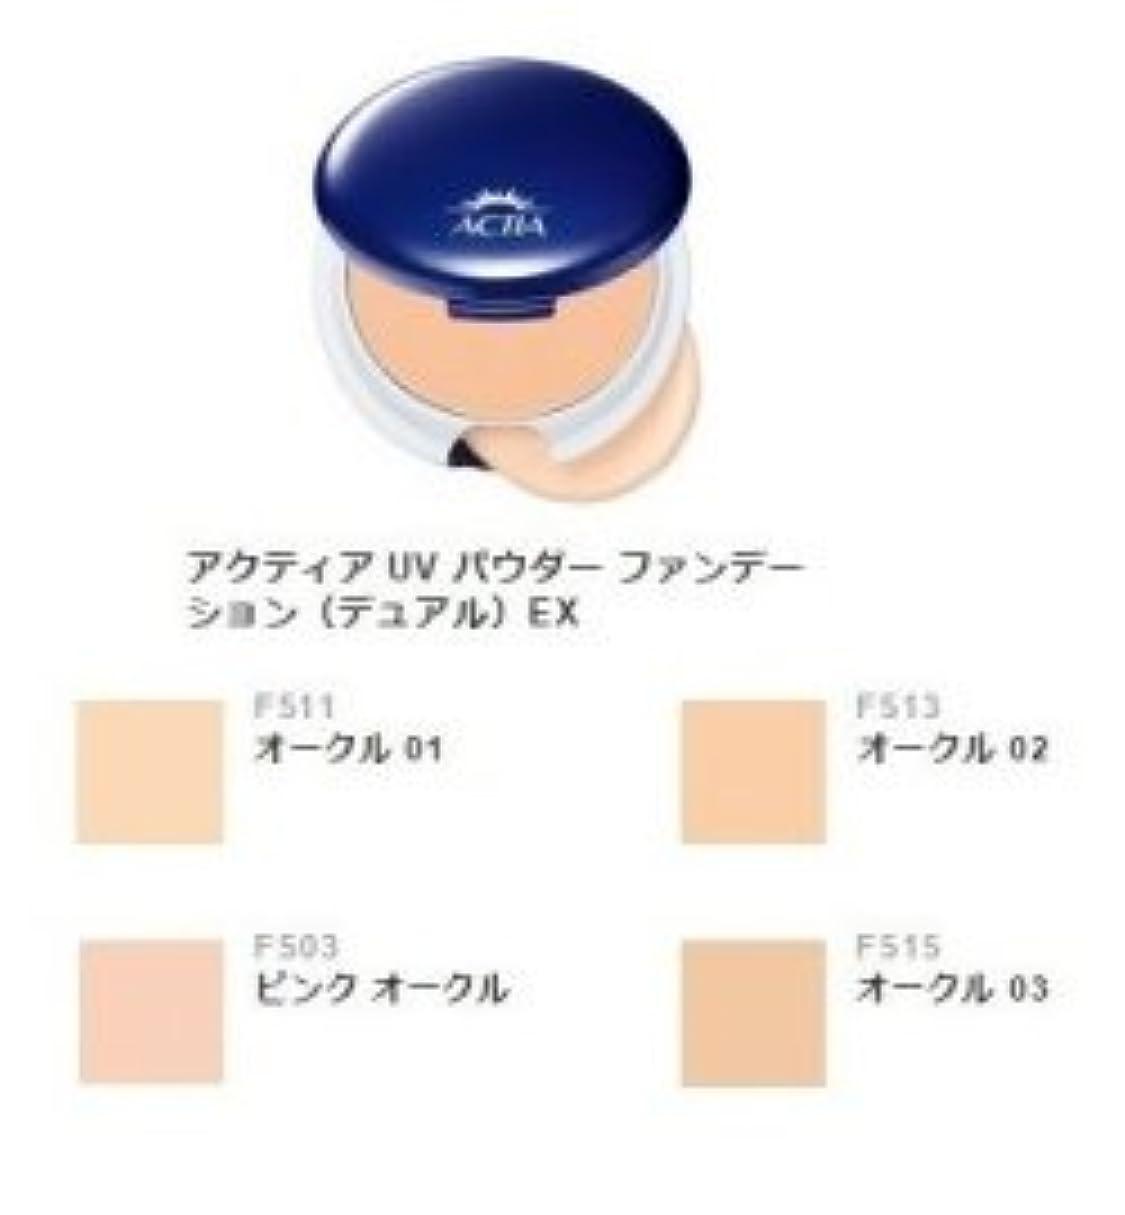 延ばす免除欠如エイボン(AVON) アクティア UV パウダーファンデーション(デュアル)EX(リフィル) F513 オークル02